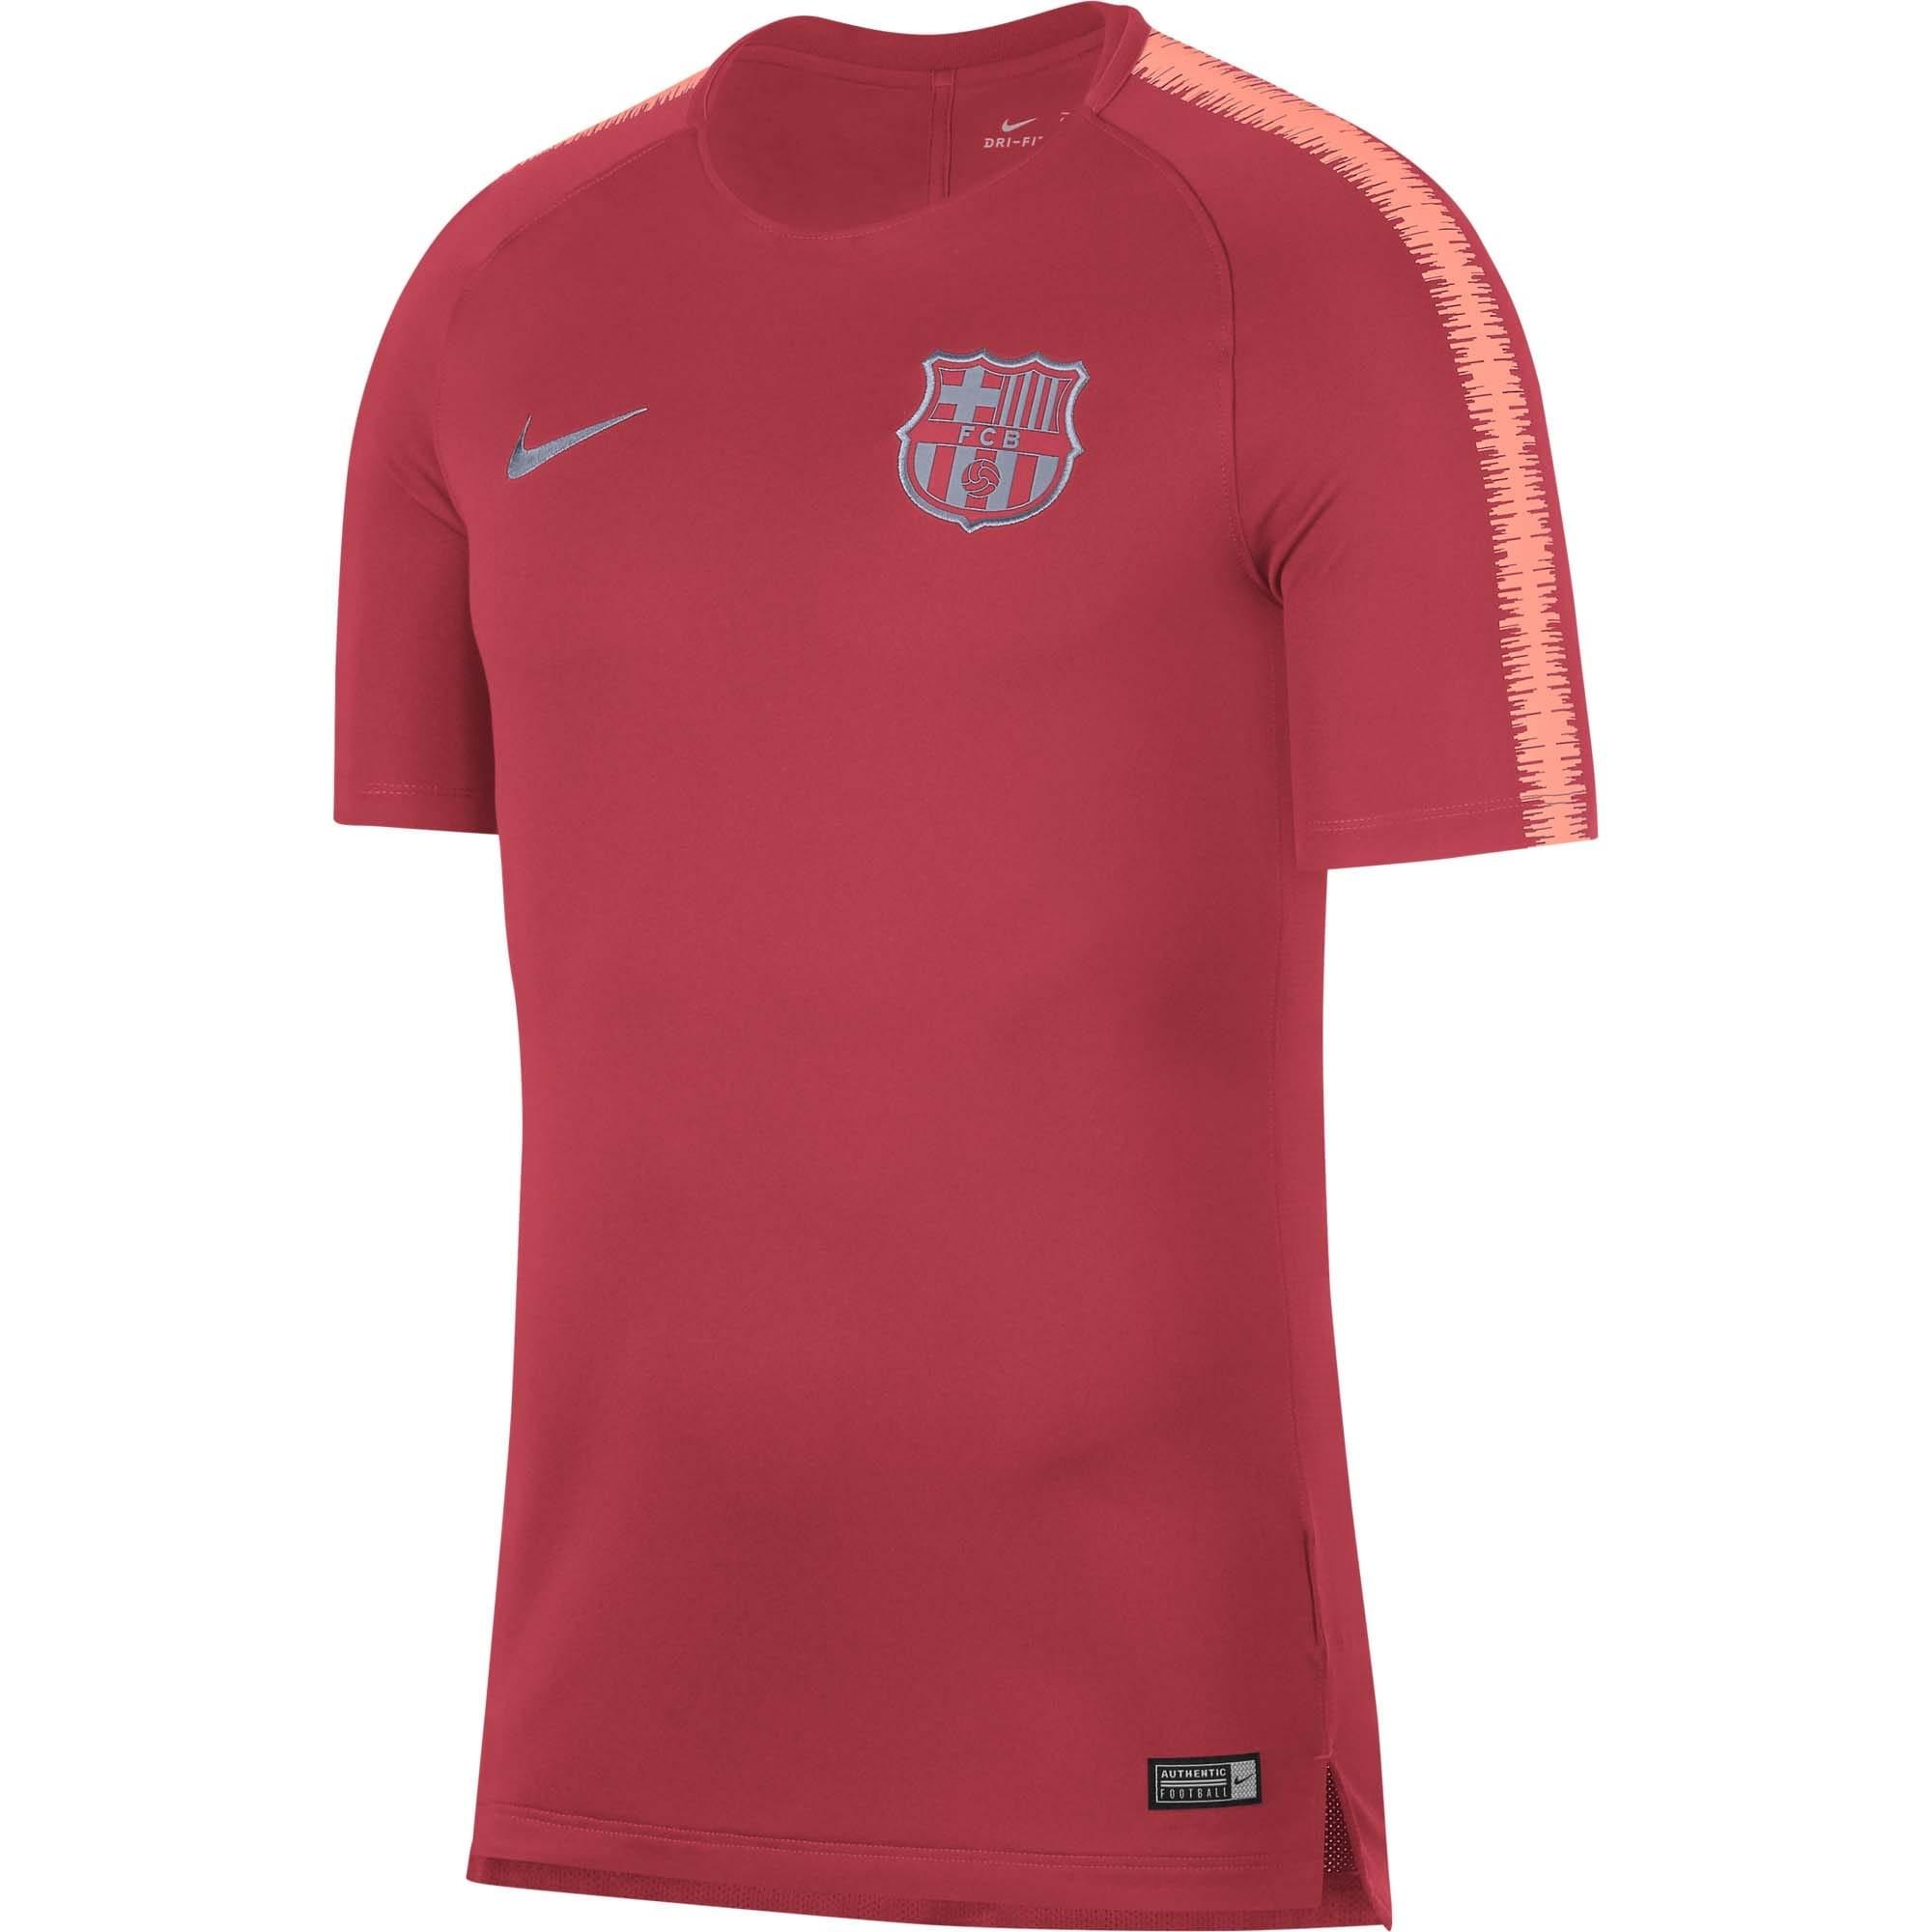 6901c3a40d9f2 CAMISETA NIKE FC BARCELONA ENTRENO HOMBRE 2018 2019 894294-691 - Deportes  Liverpool